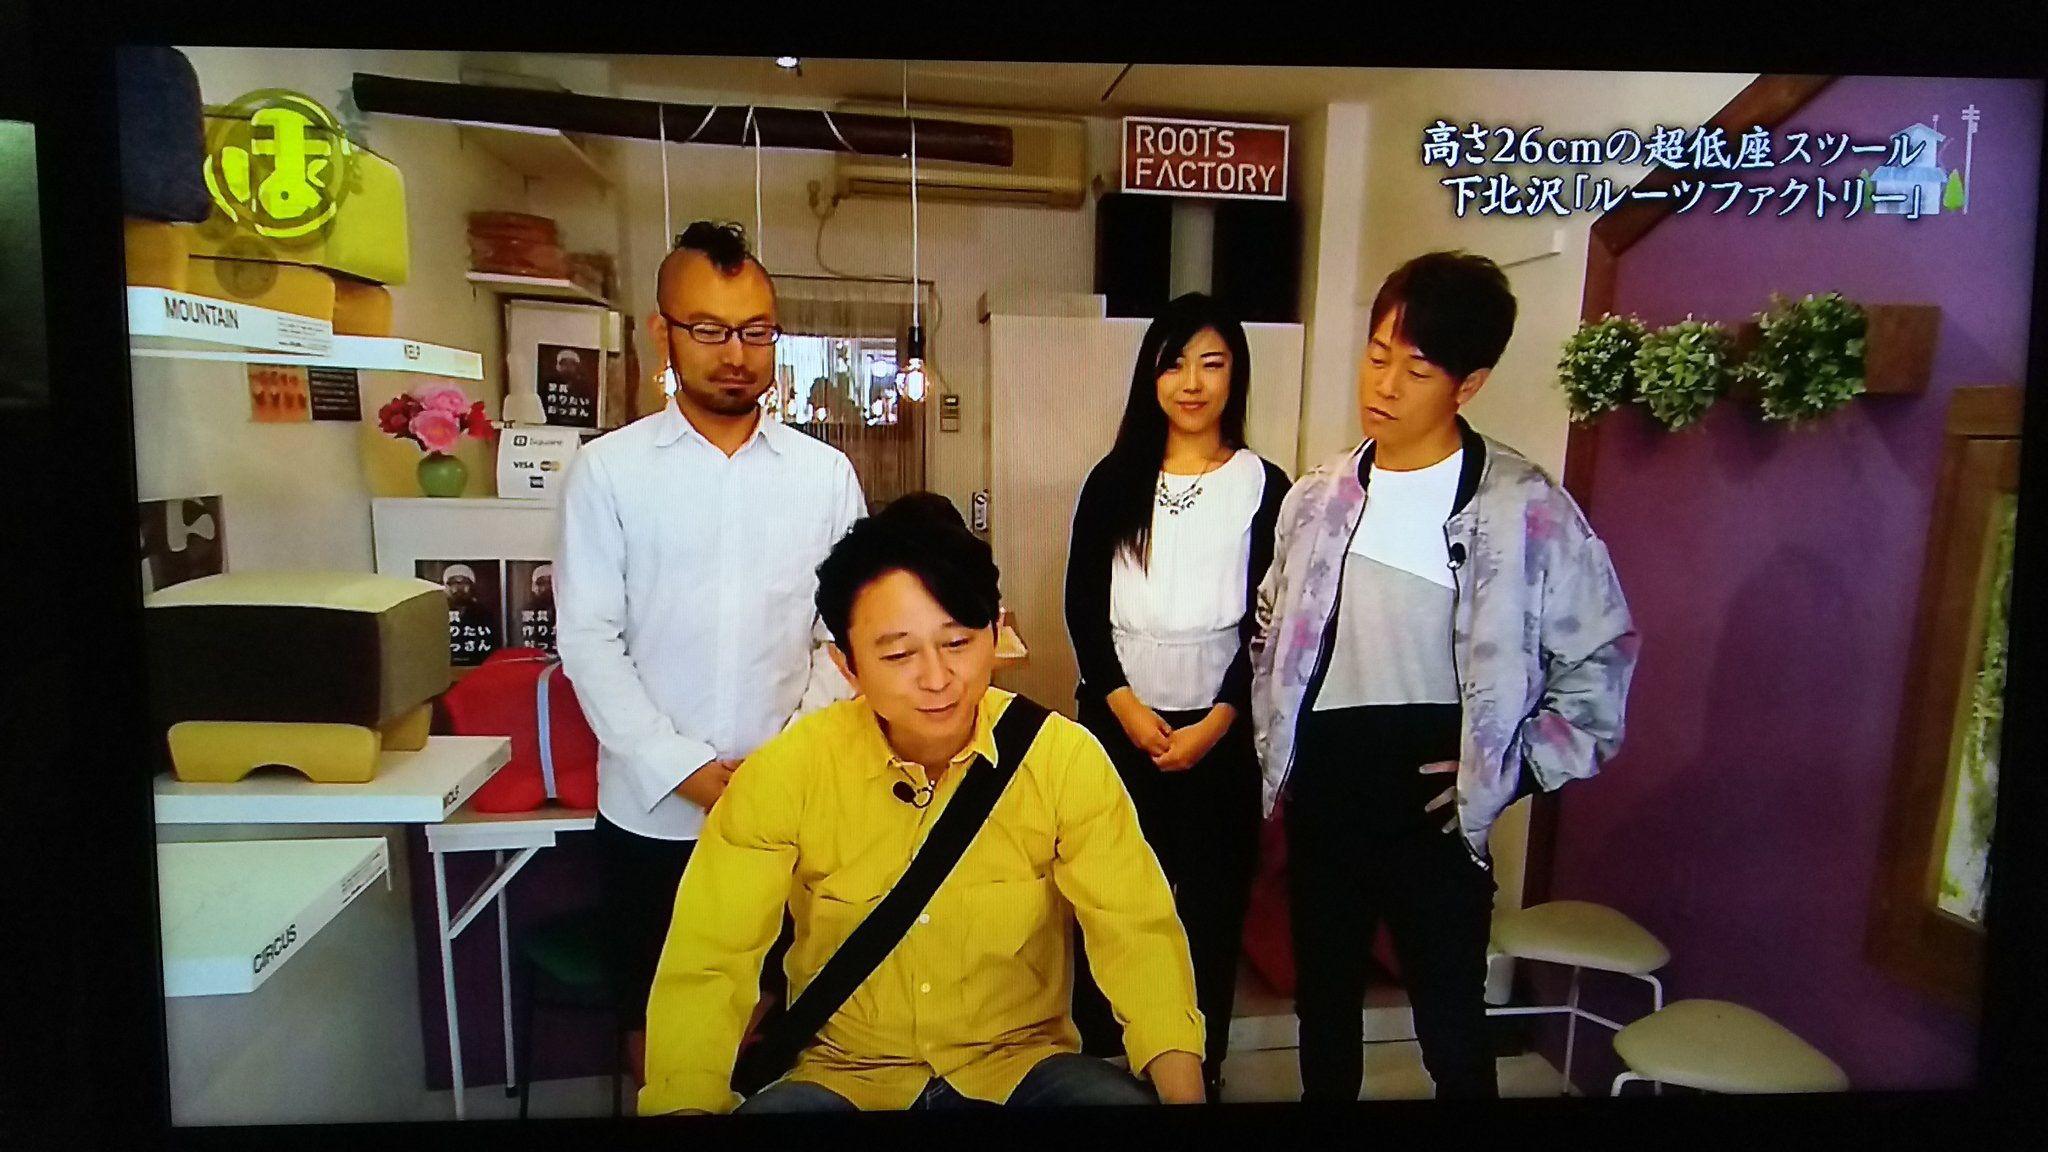 ルーツファクトリー東京店が有吉くんの正直さんぽに出演